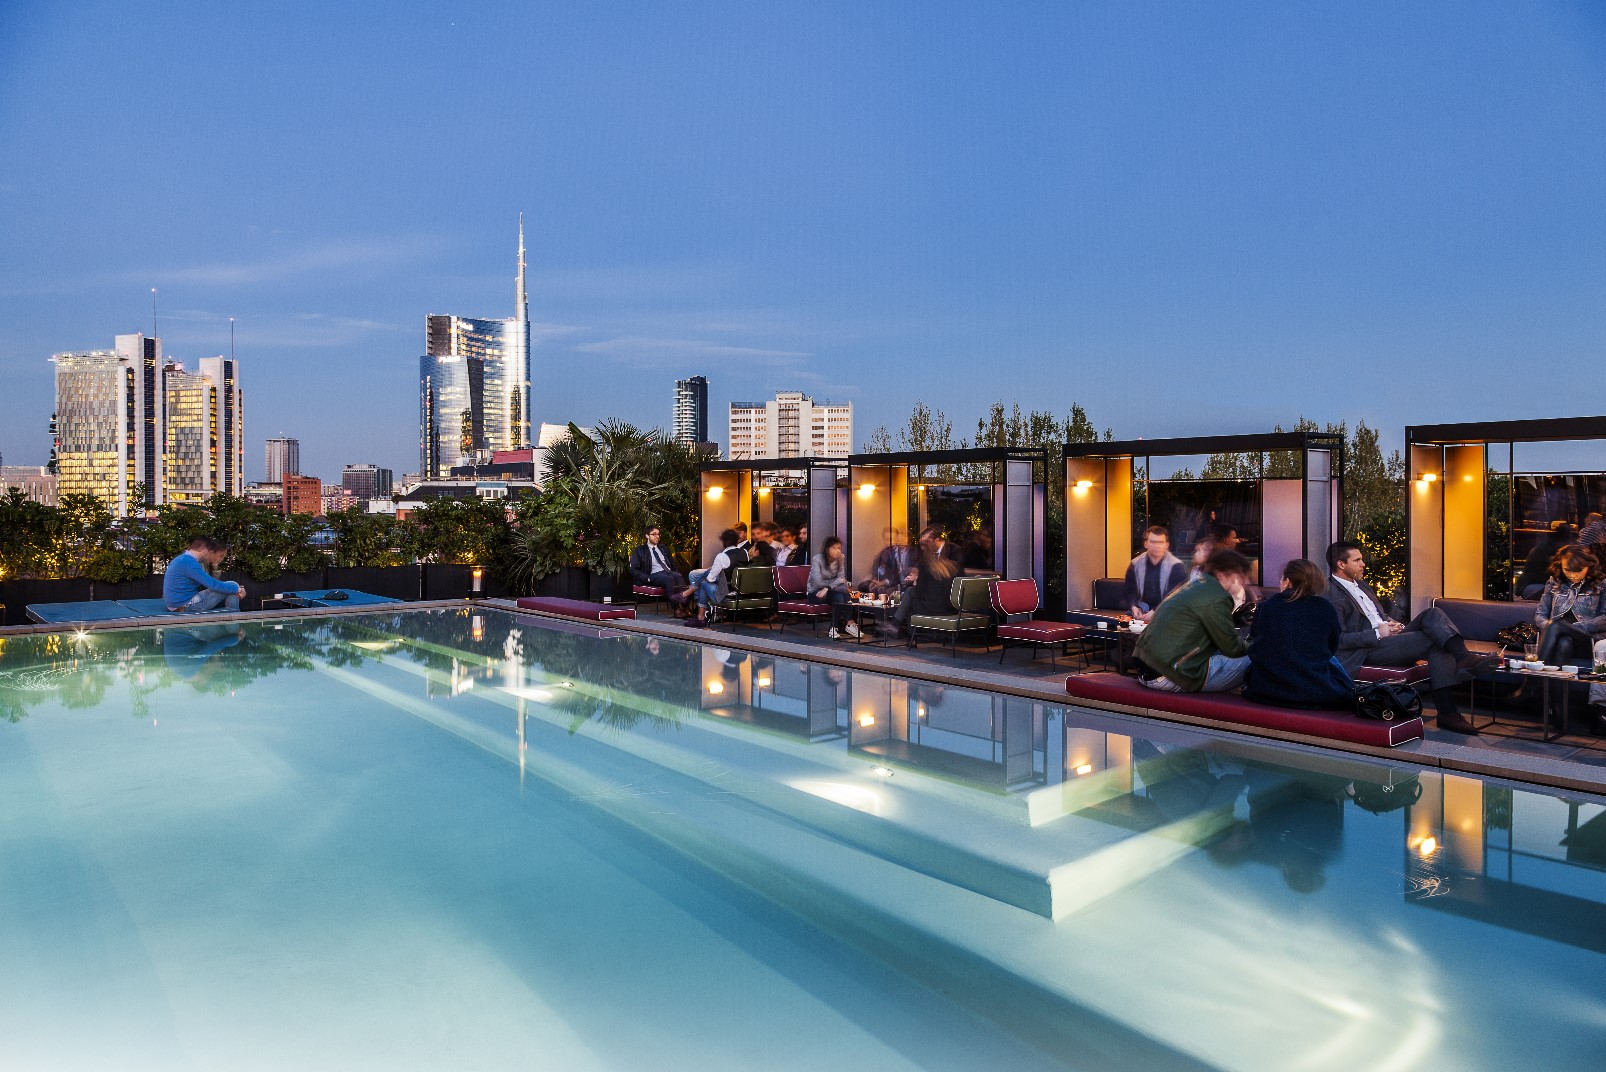 Ceresio 7 | Pools & Restaurant